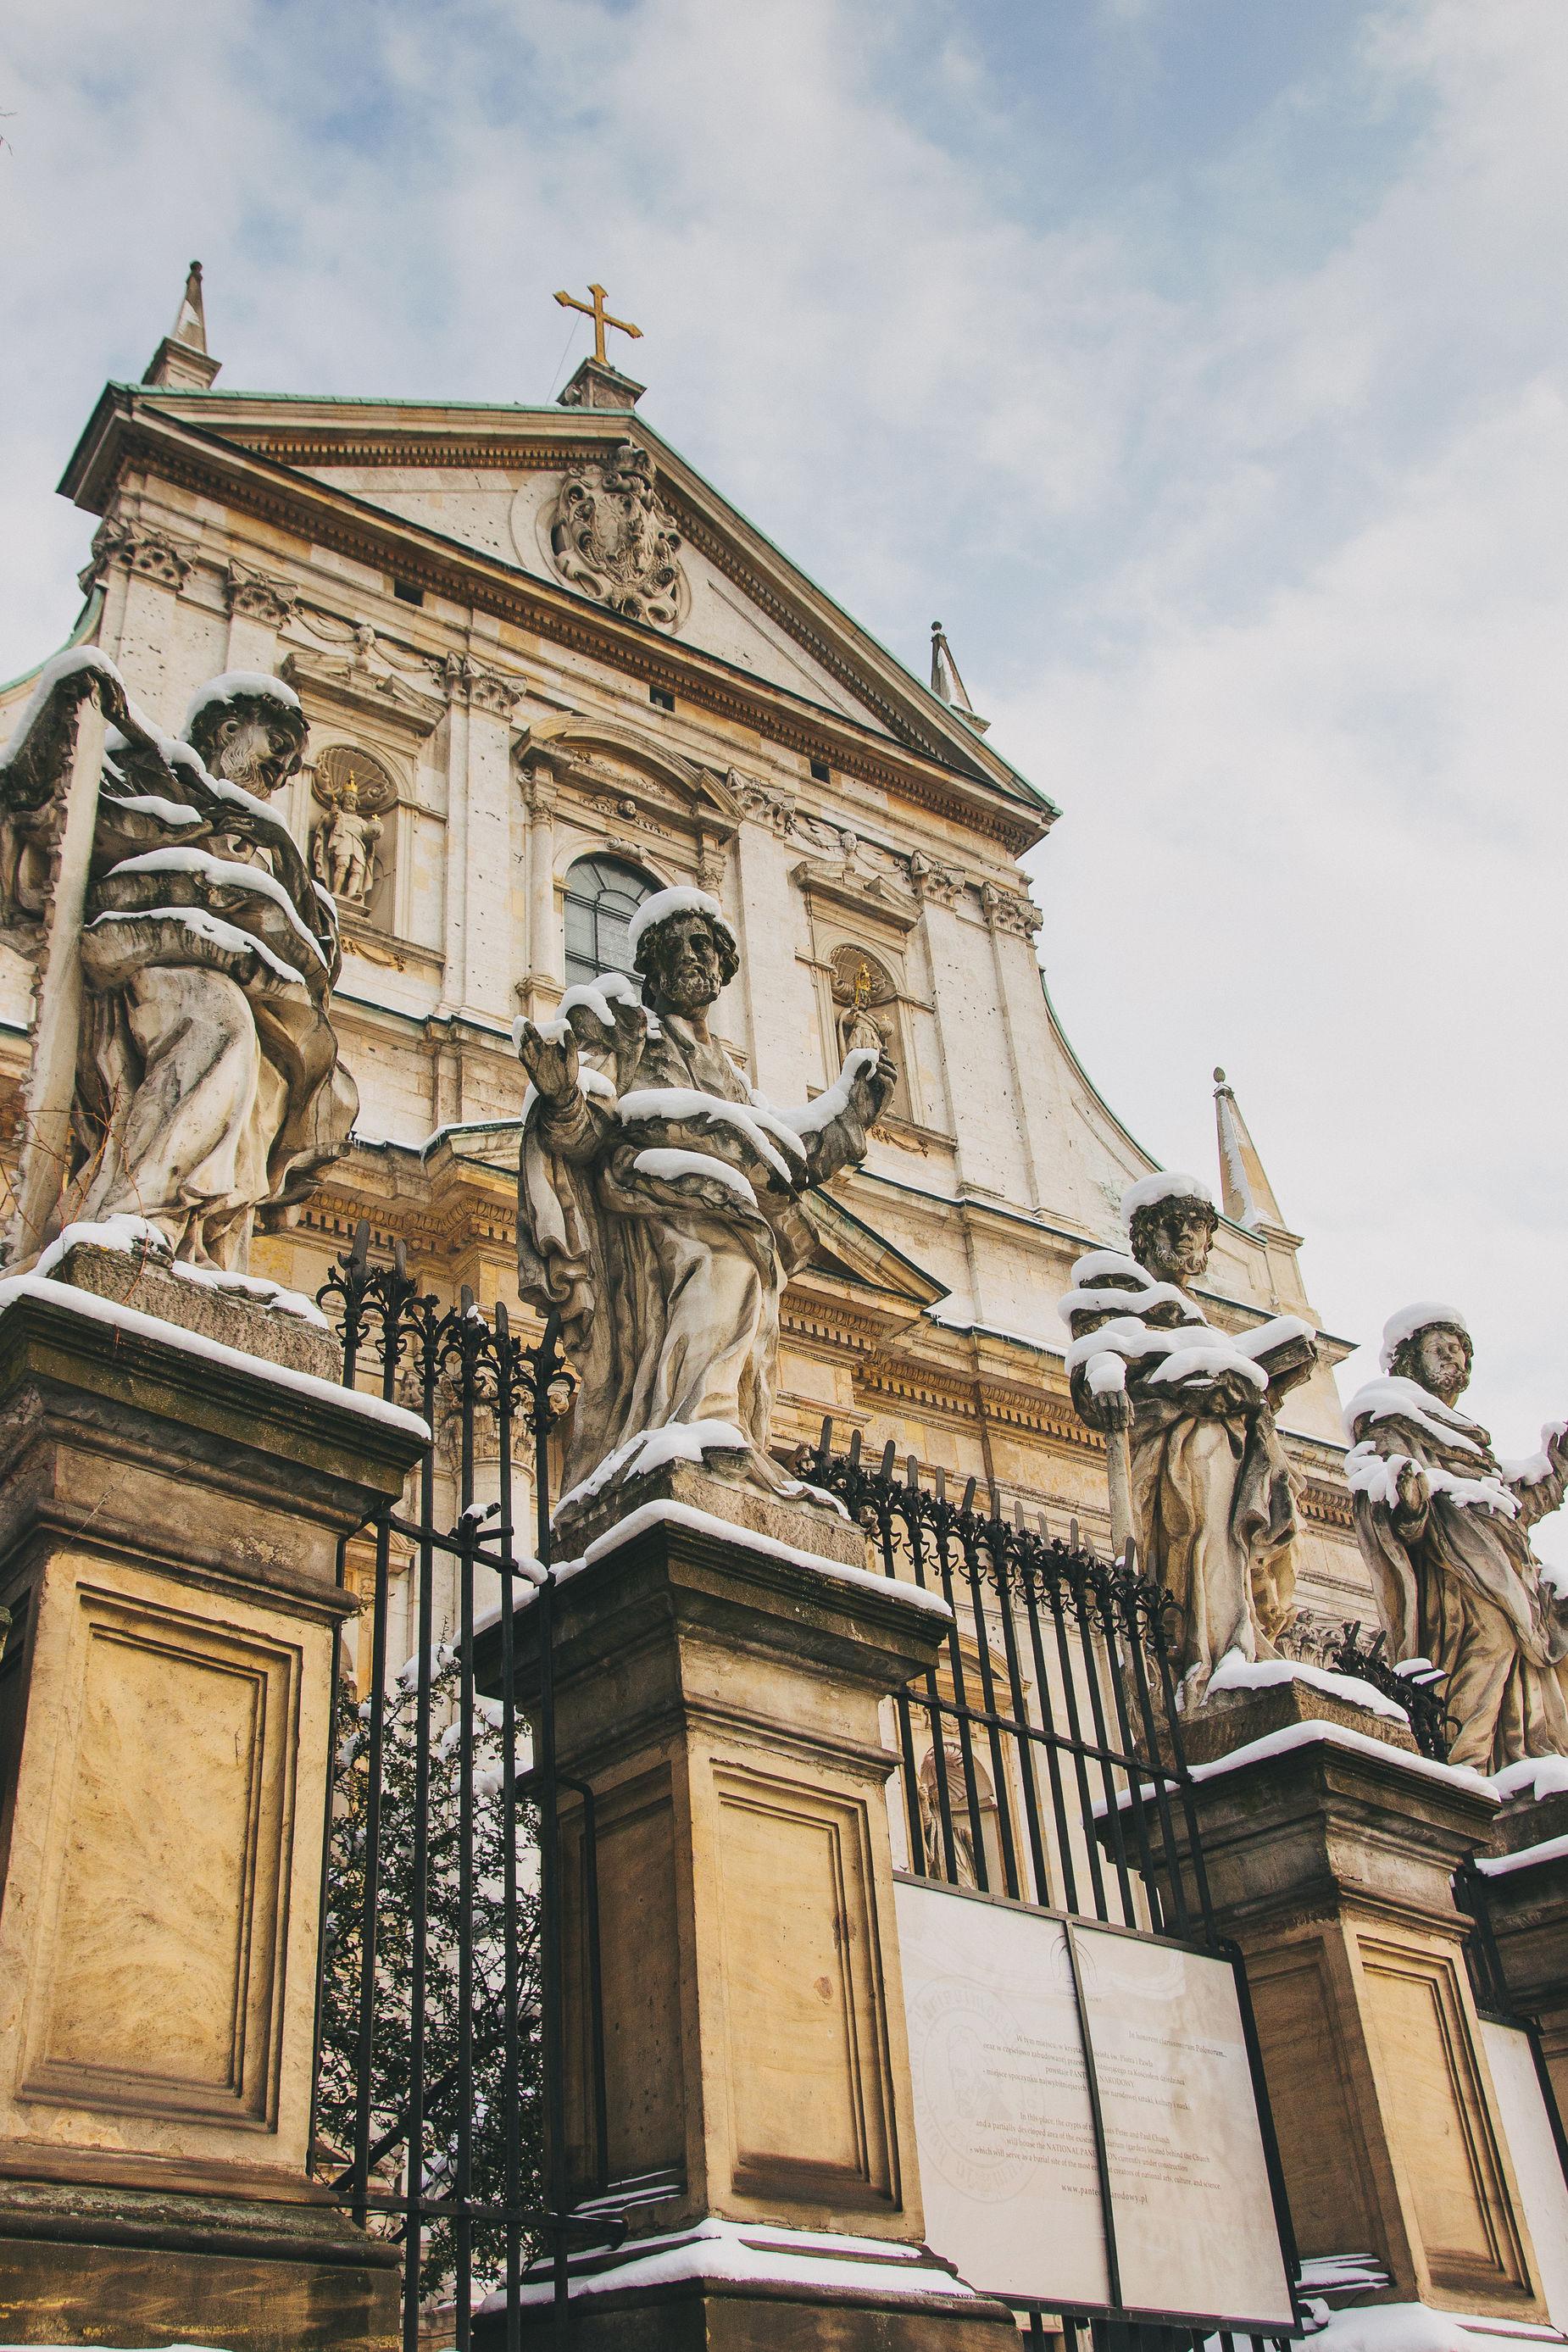 Kościół Św. Apostołów Piotra i Pawła Architecture Church Grodzka Historic History Krakow Poland Religion Sculpture